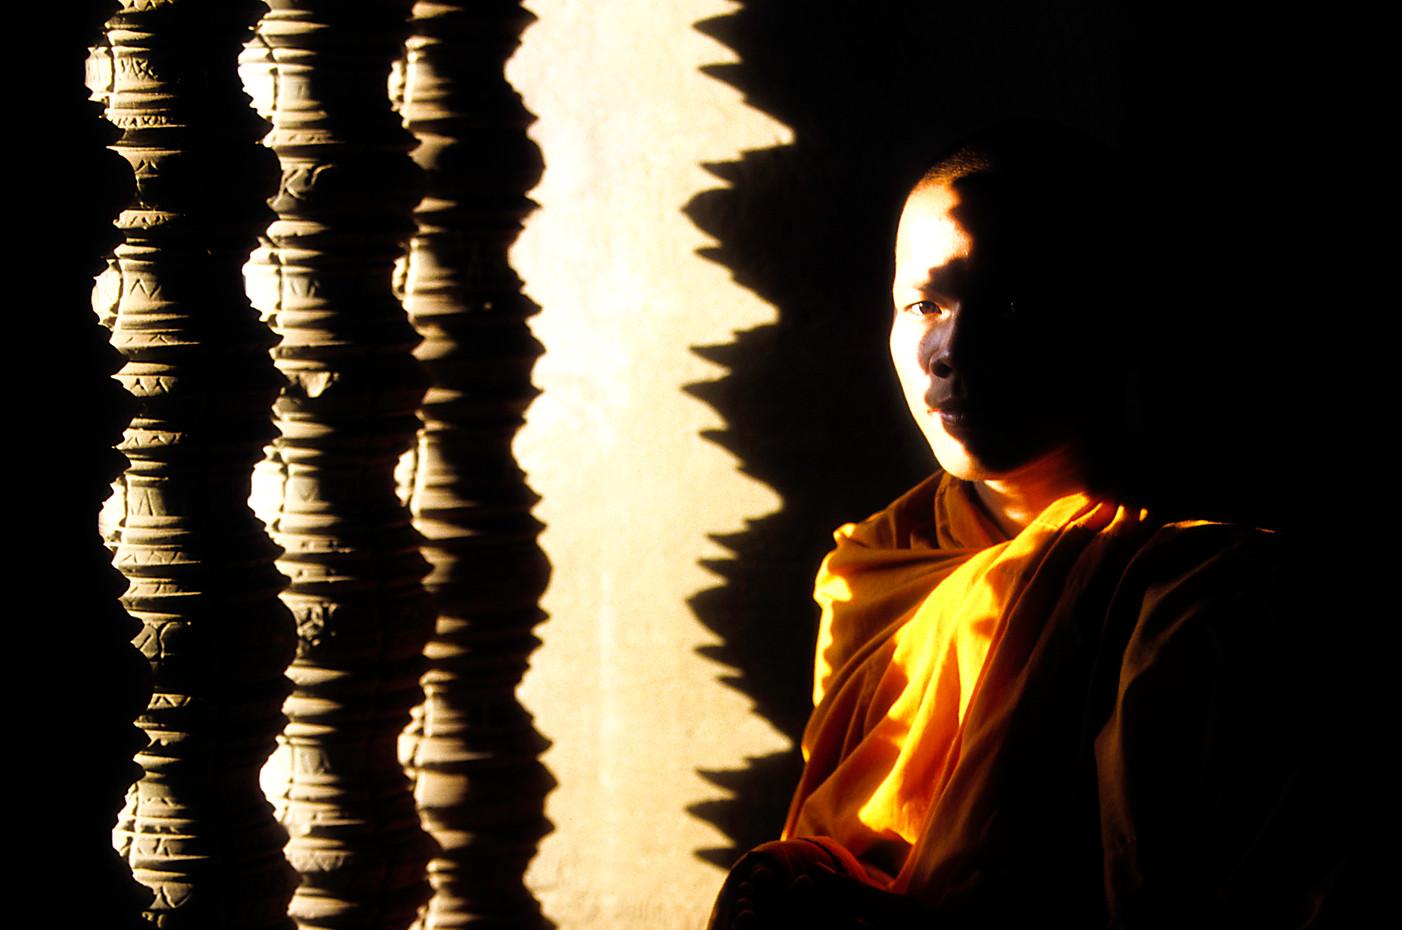 Novive monk at Angkor Wat, Cambodia